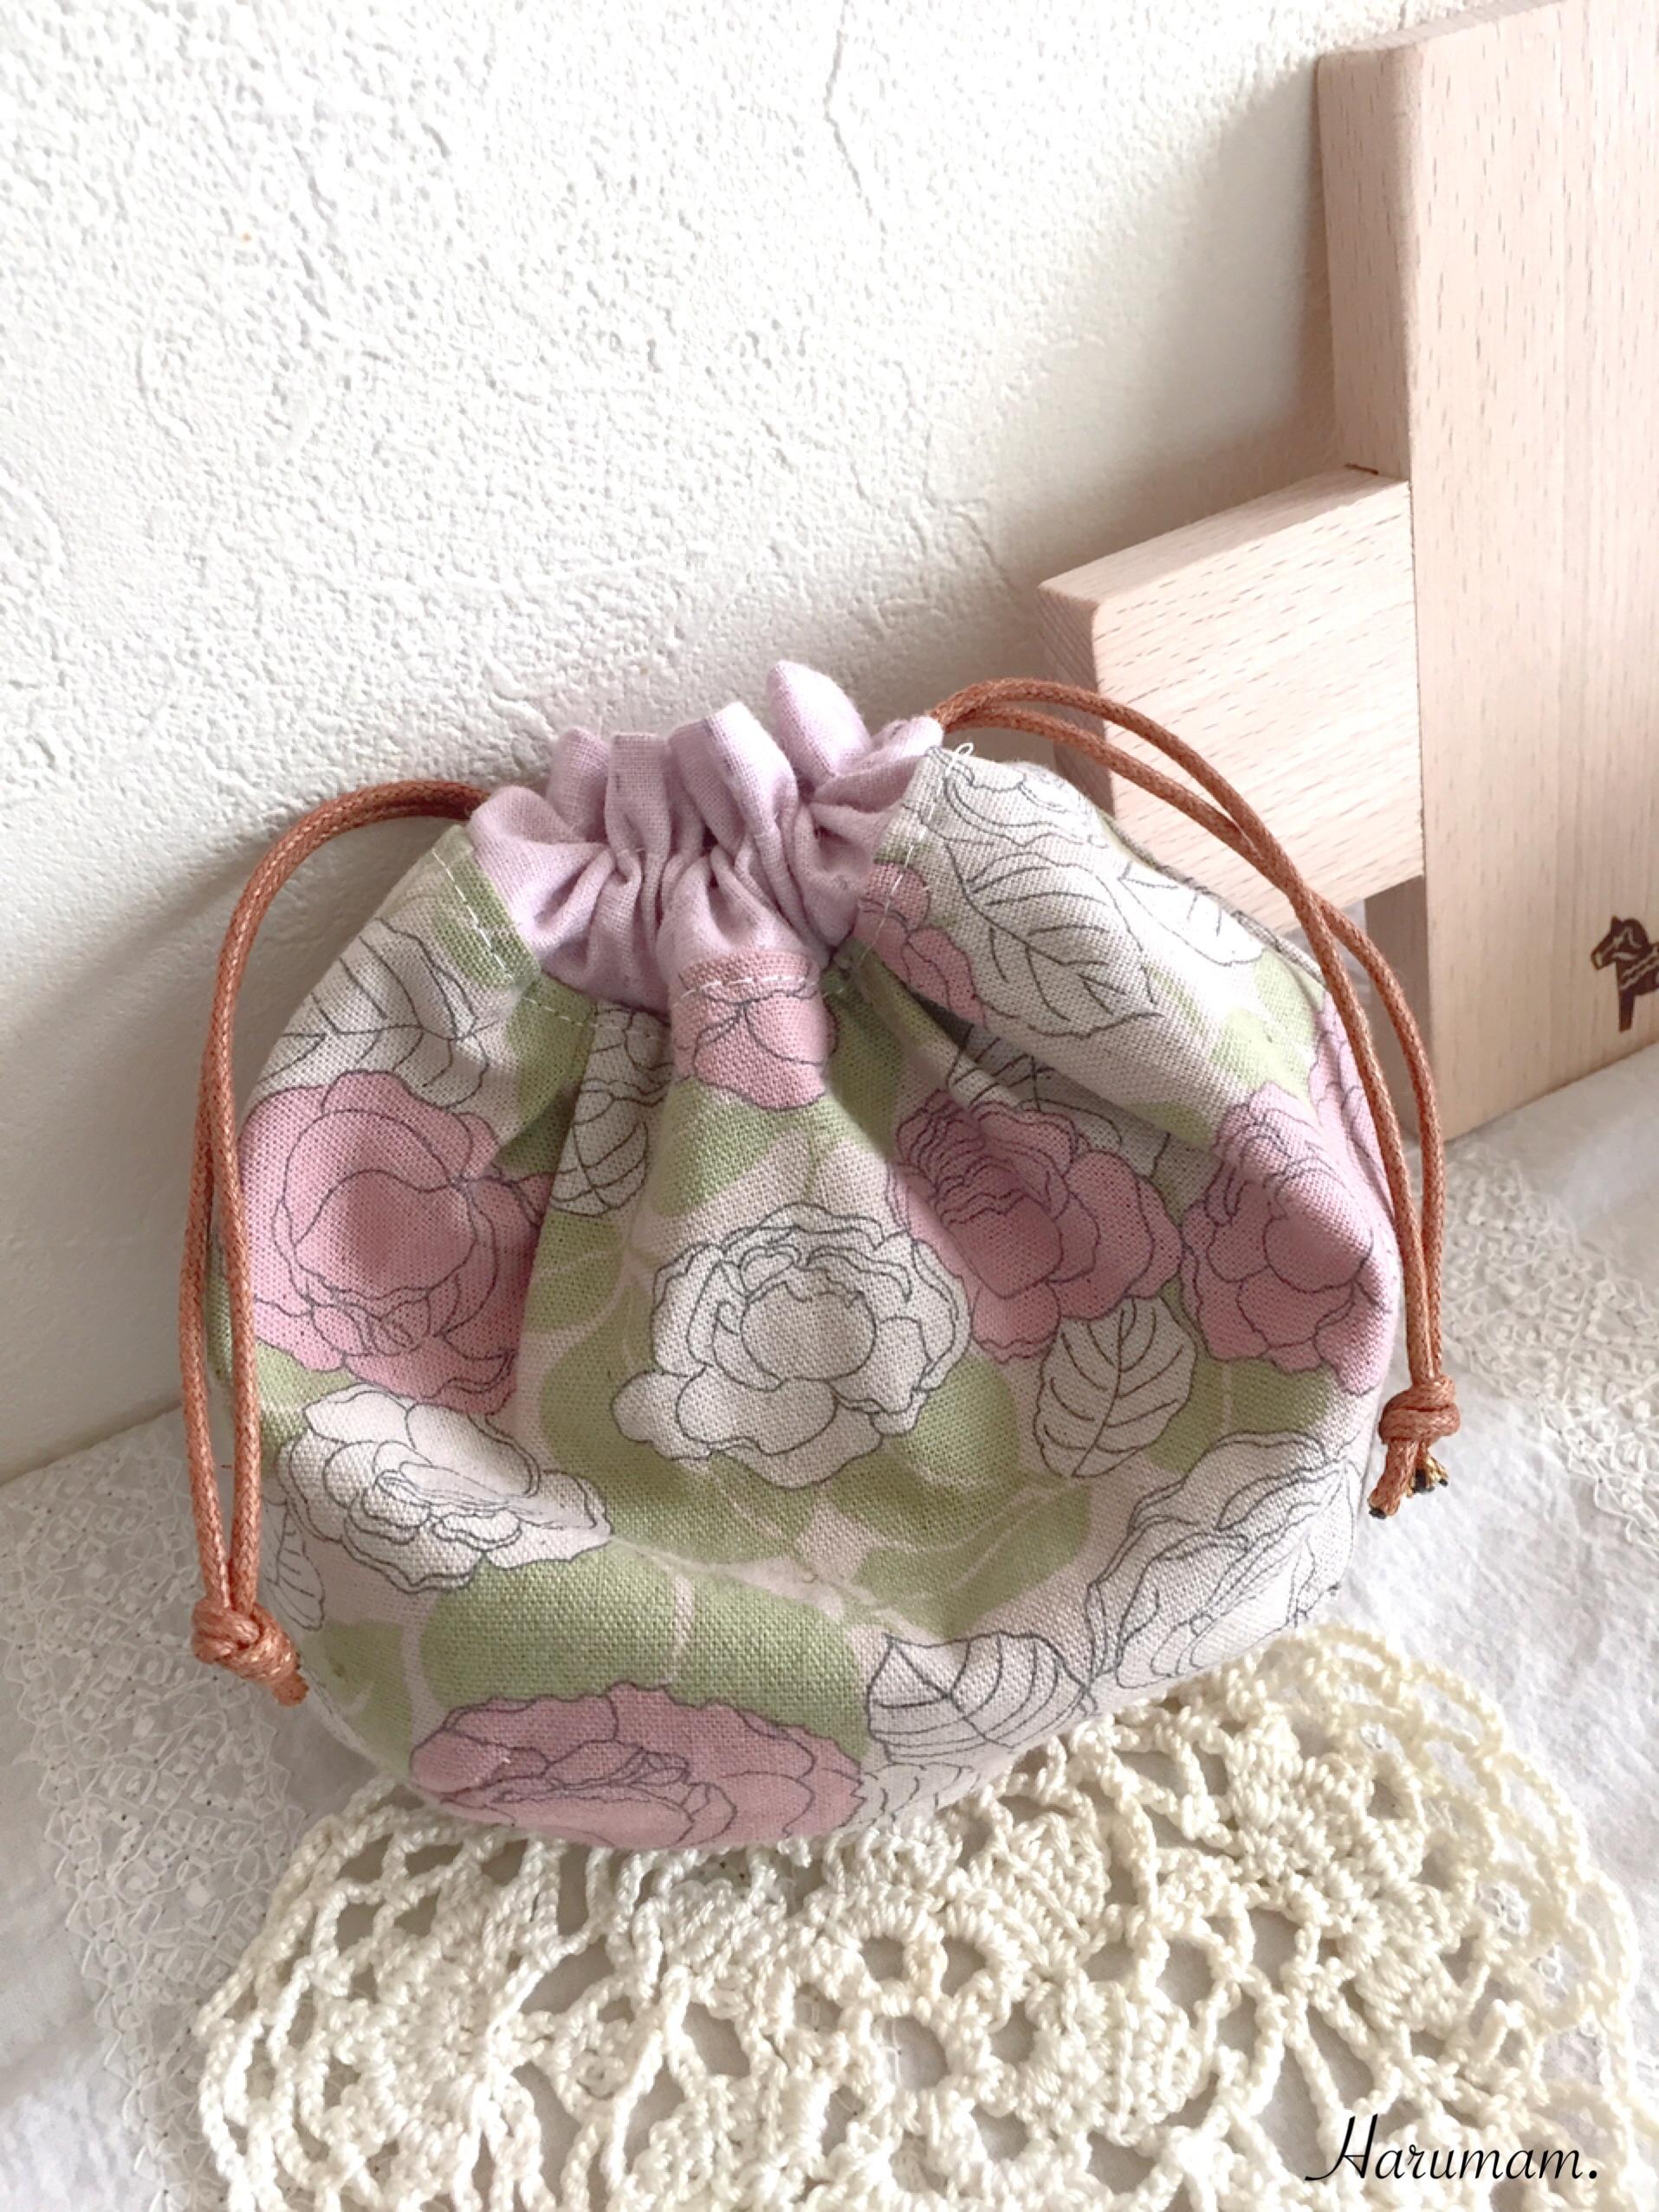 デコレクションズさんの生地で作った、ぷっくり巾着リバーシブル